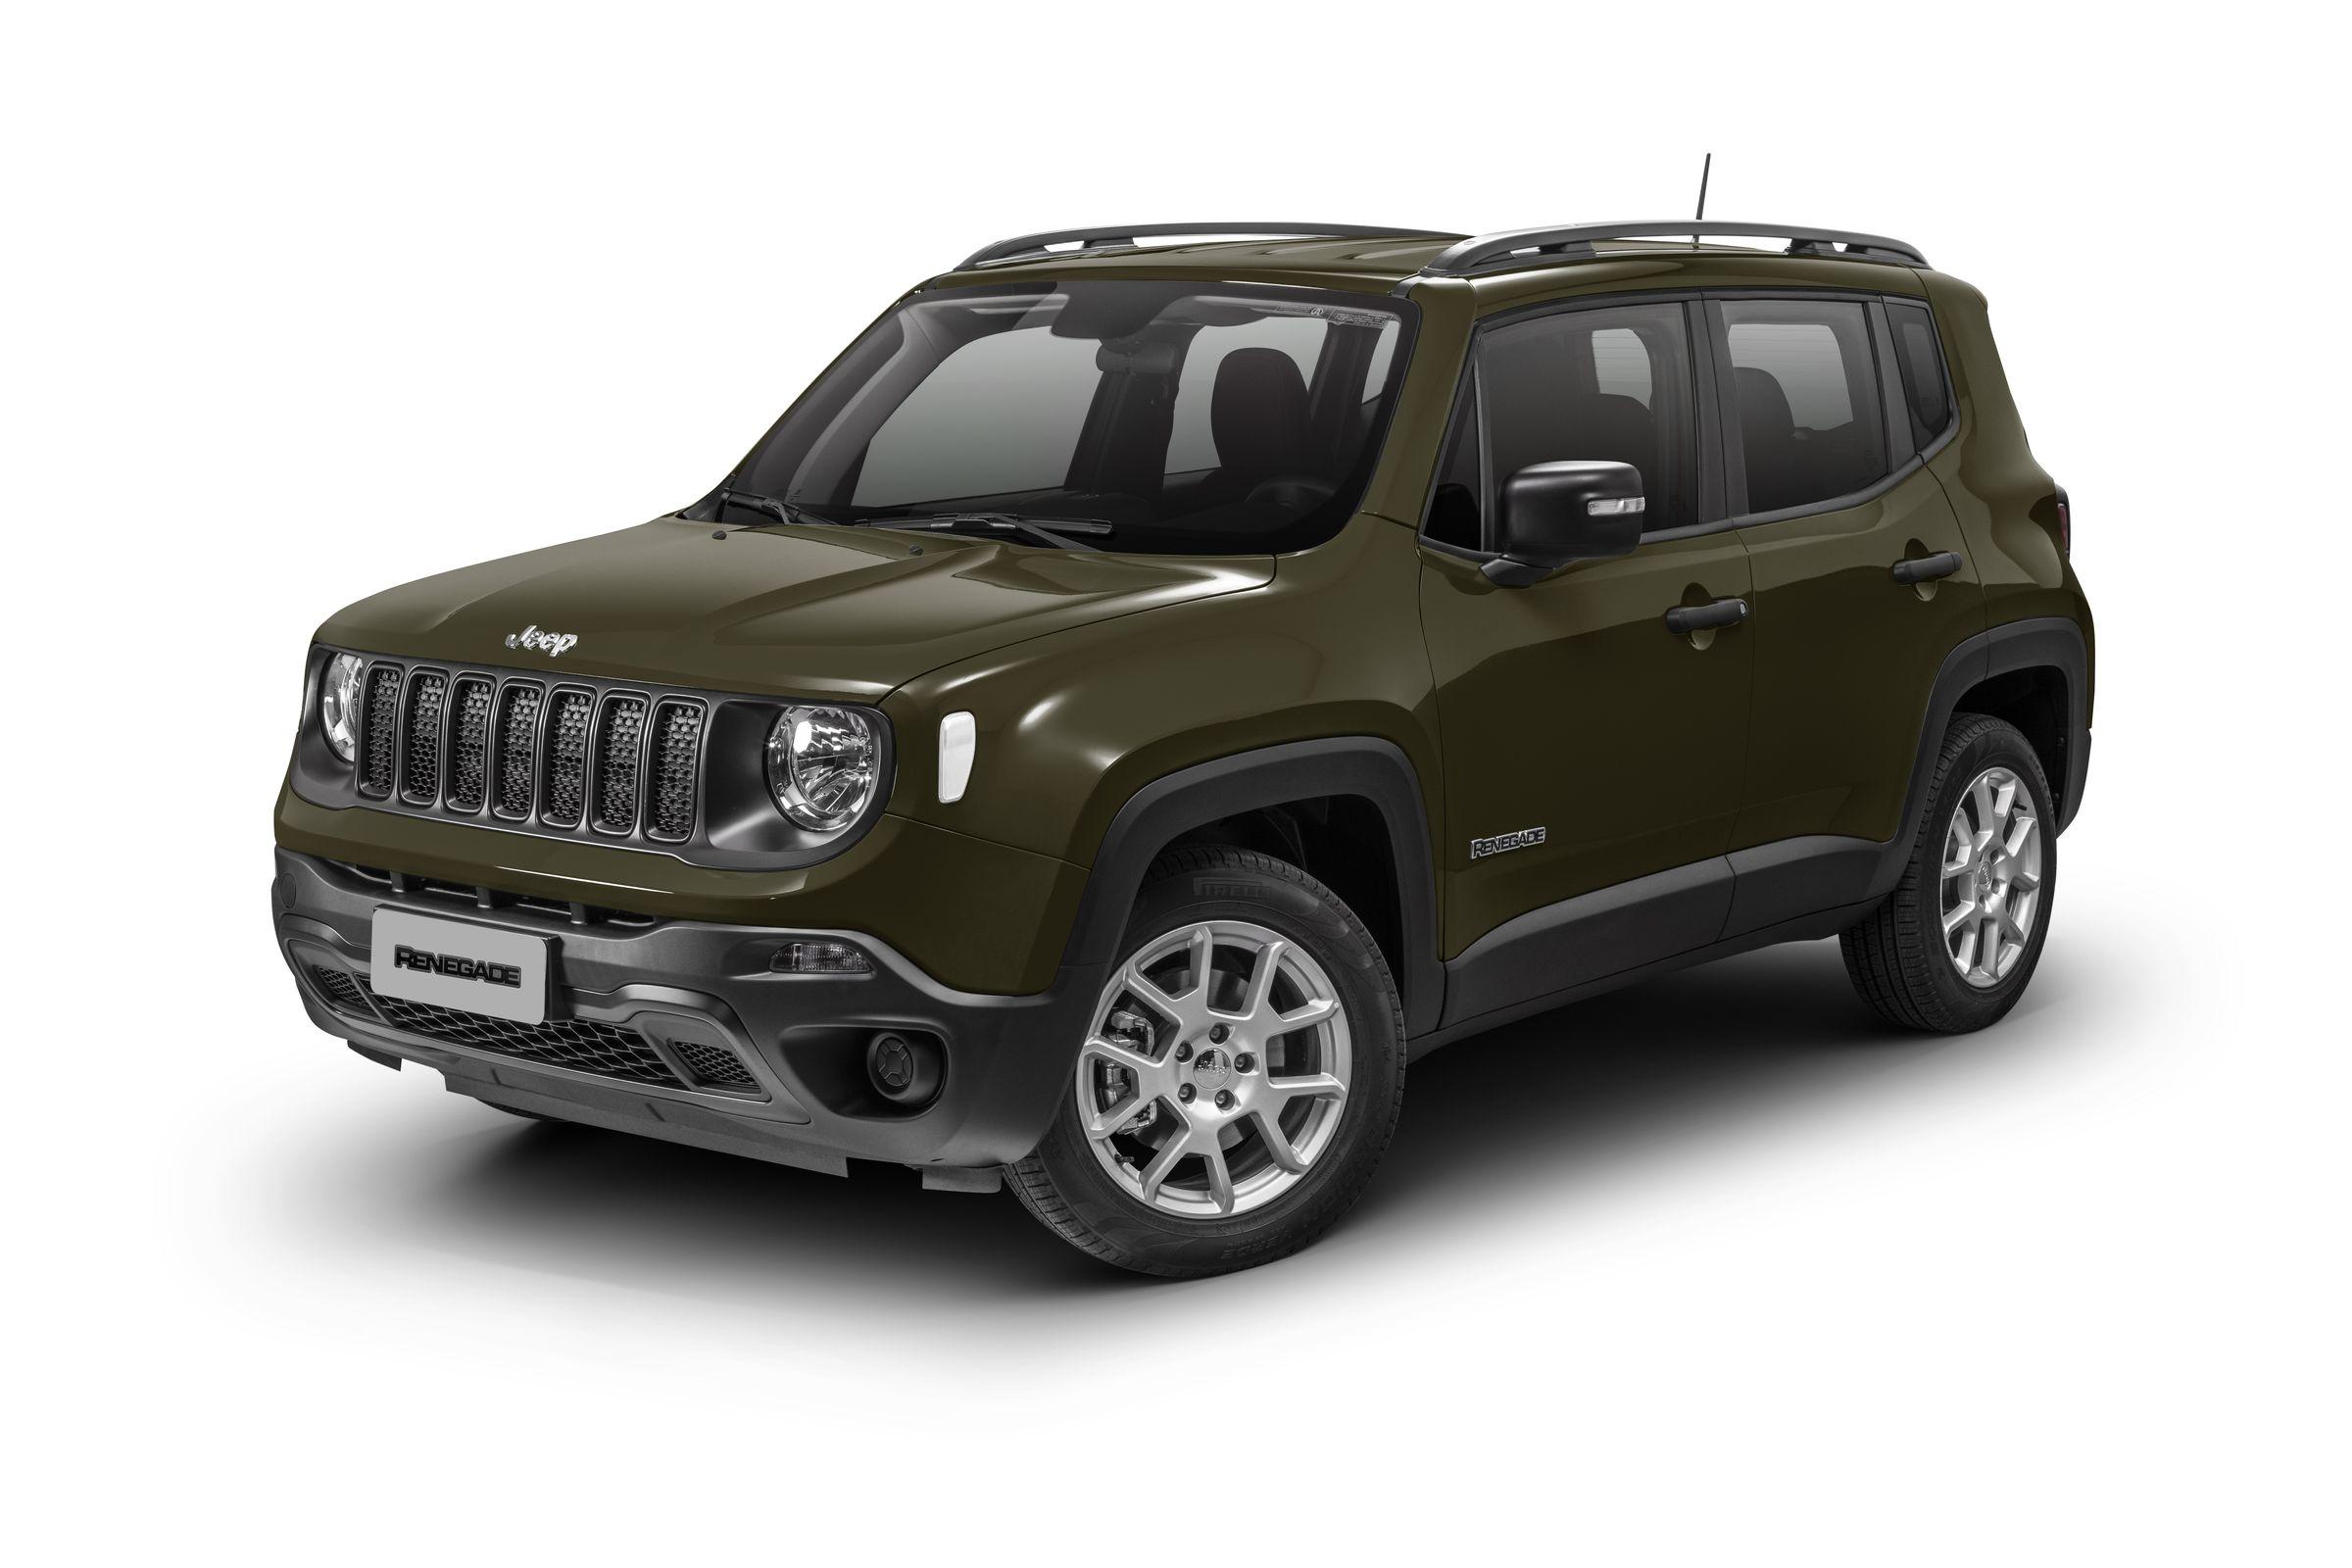 Renegade Sport é uma das versões com desconto oferecidas pela Jeep